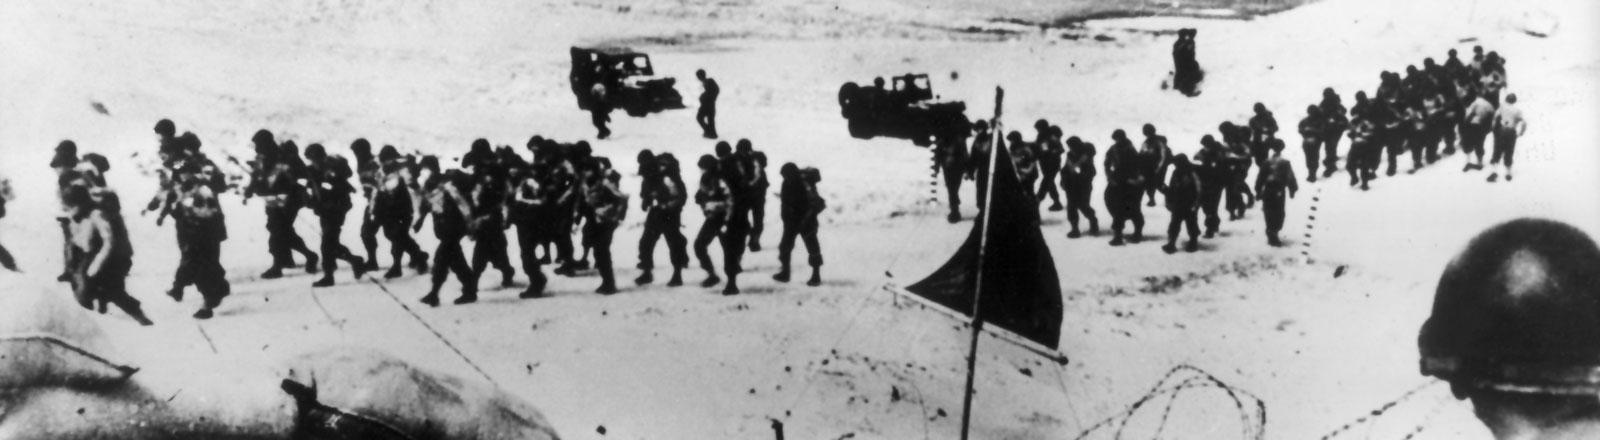 Das Bild zeigt amerikanische Truppen bei der Landung in der Normandie im Juni 1944.